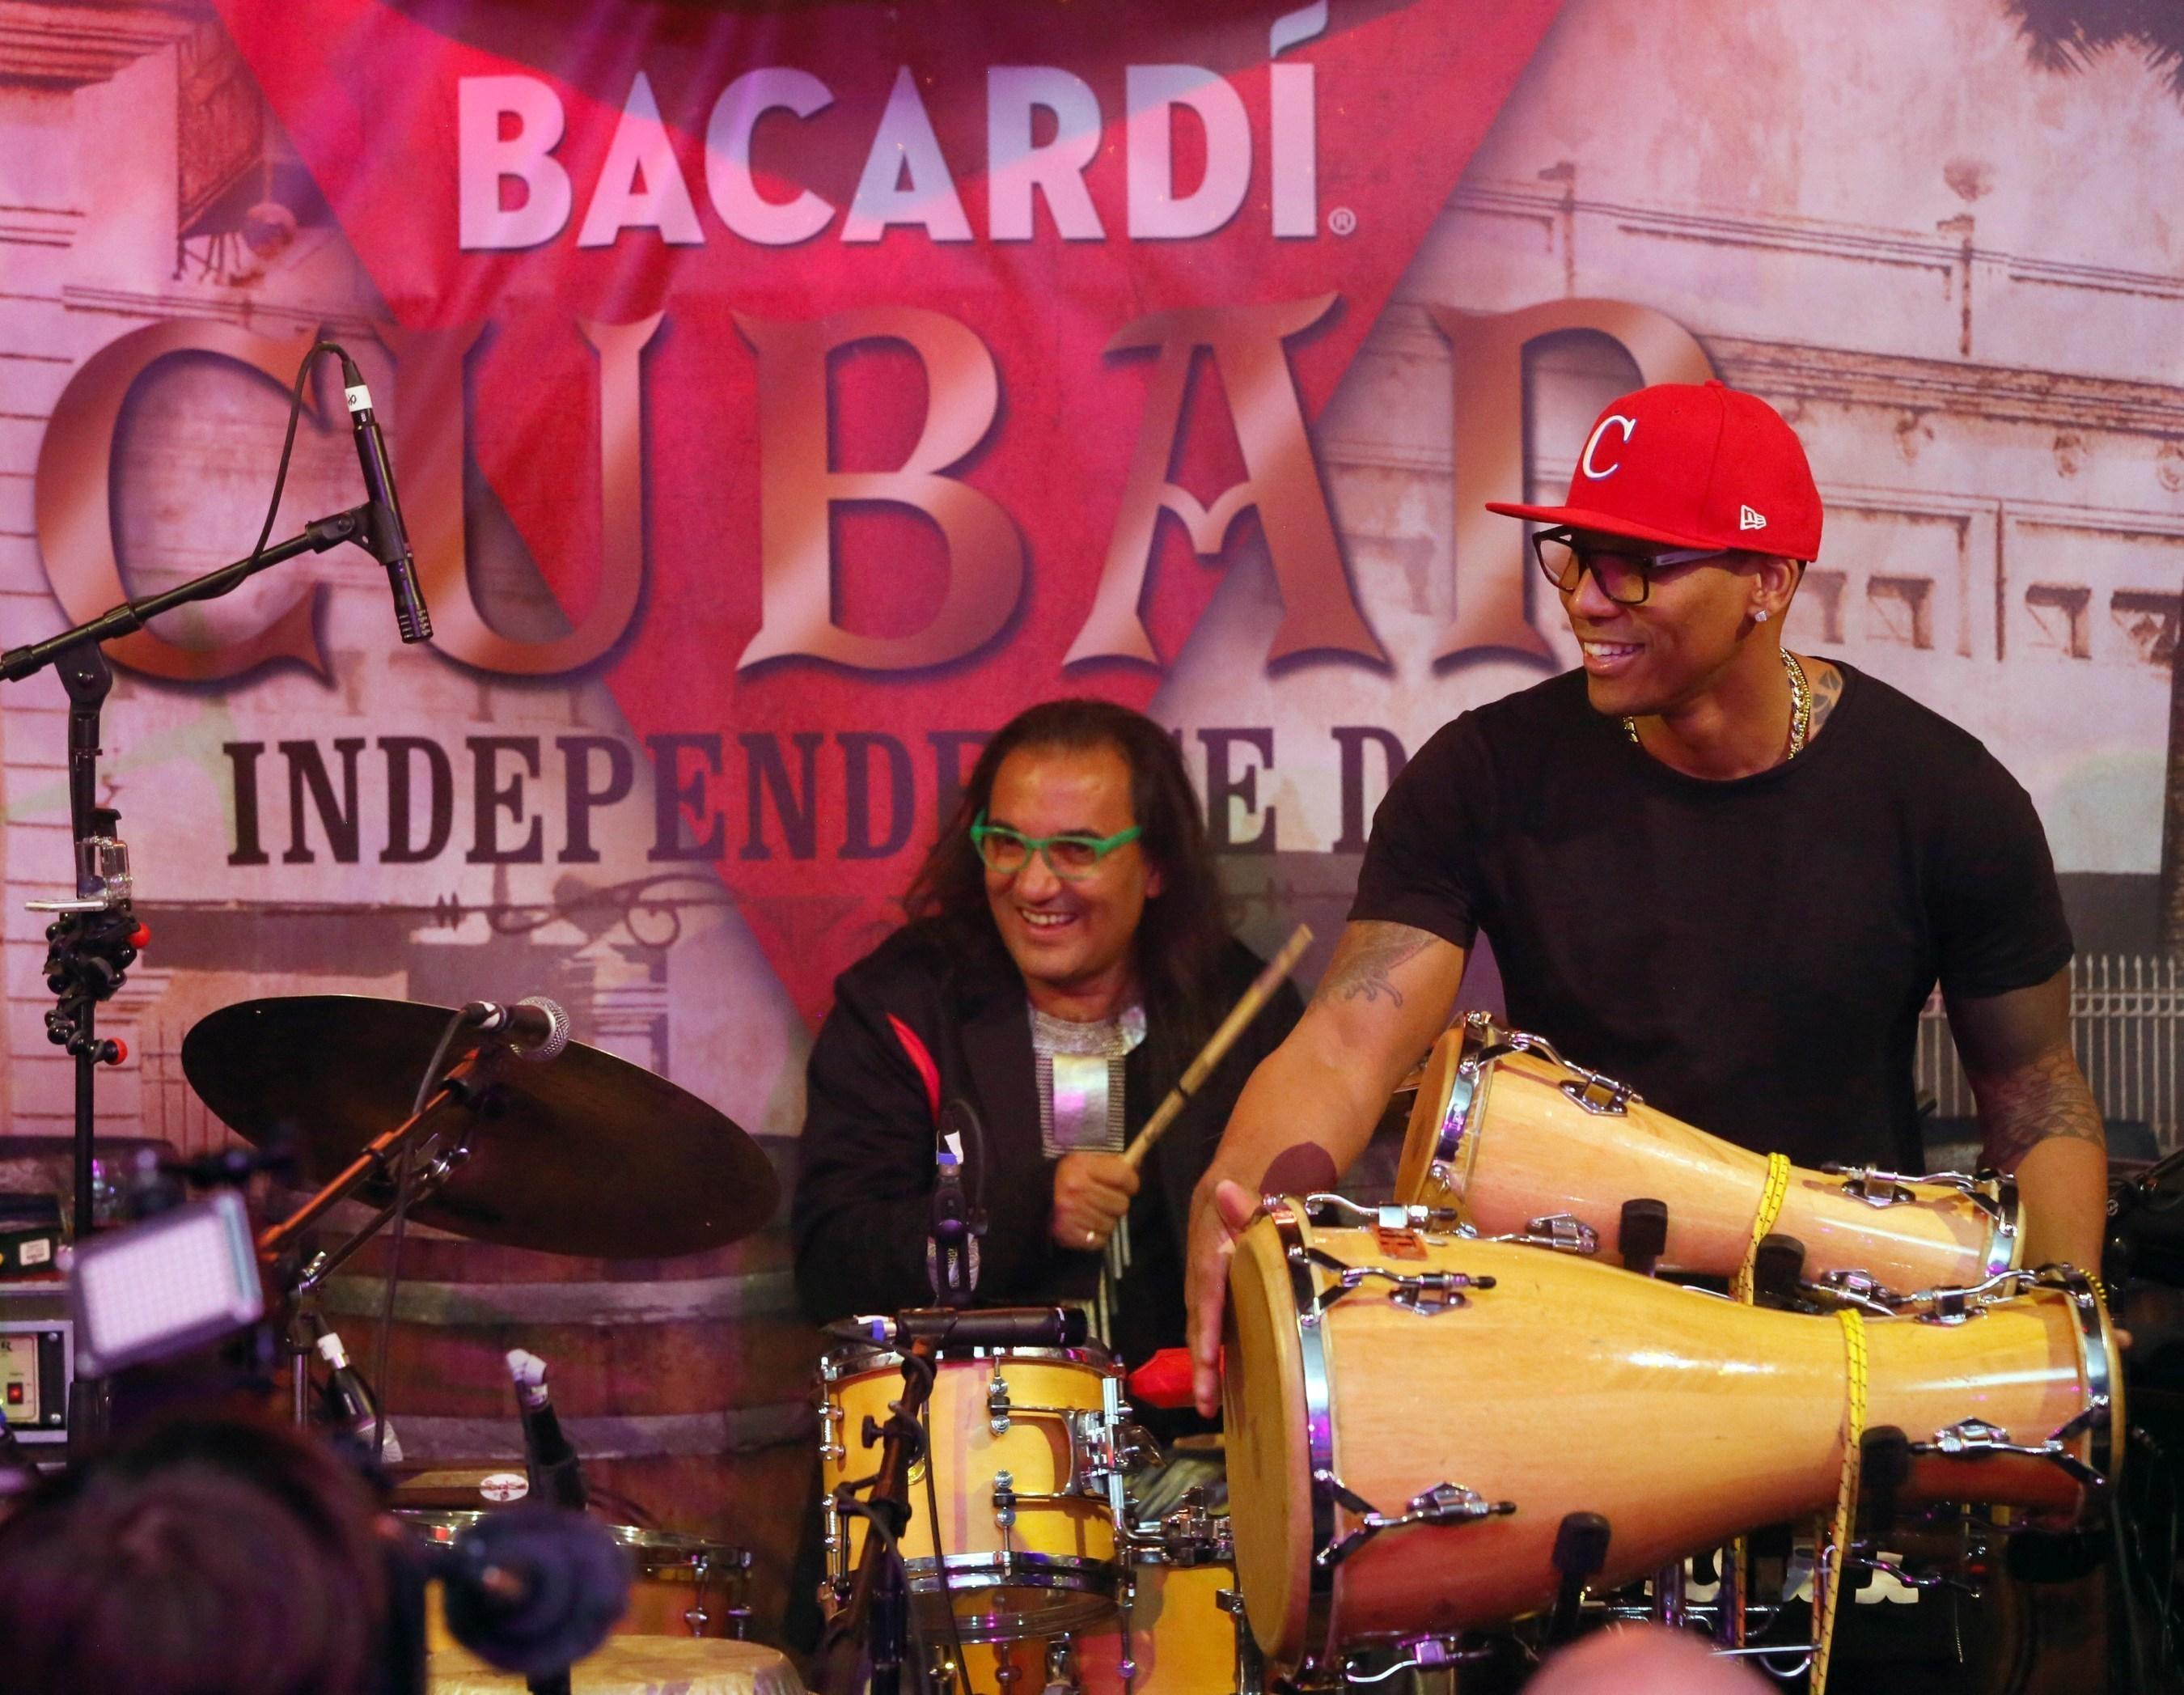 Ron BACARDI® rinde homenaje a la música y cultura cubanas en el Día de la Independencia de Cuba